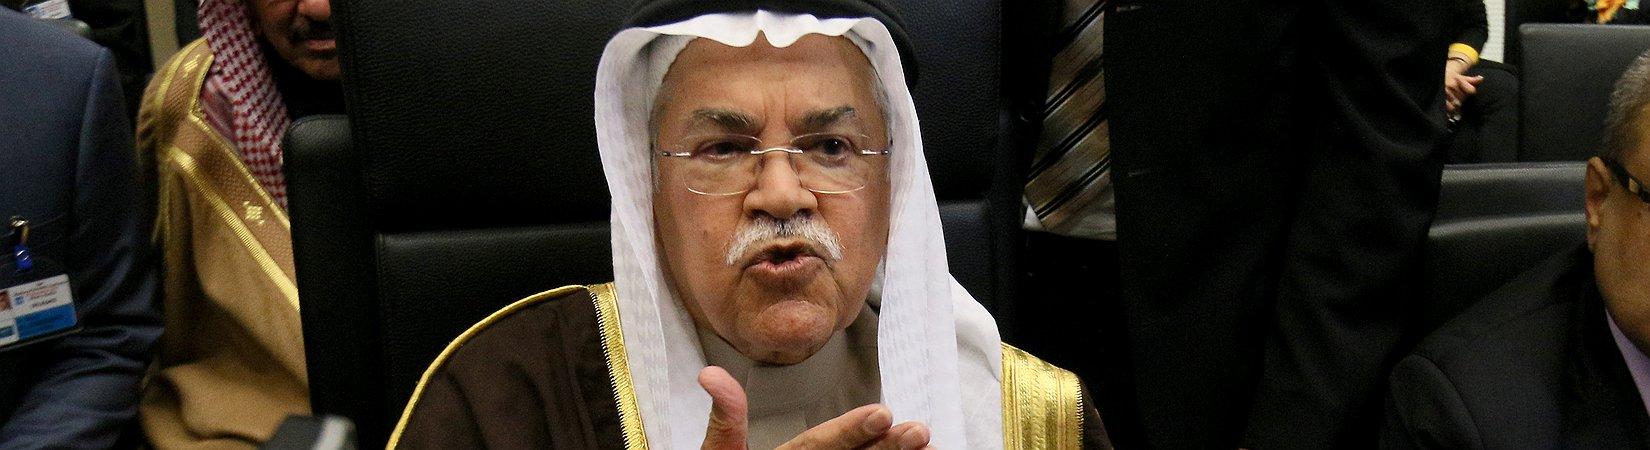 OPECs Konklave von Geheule und Trägheit